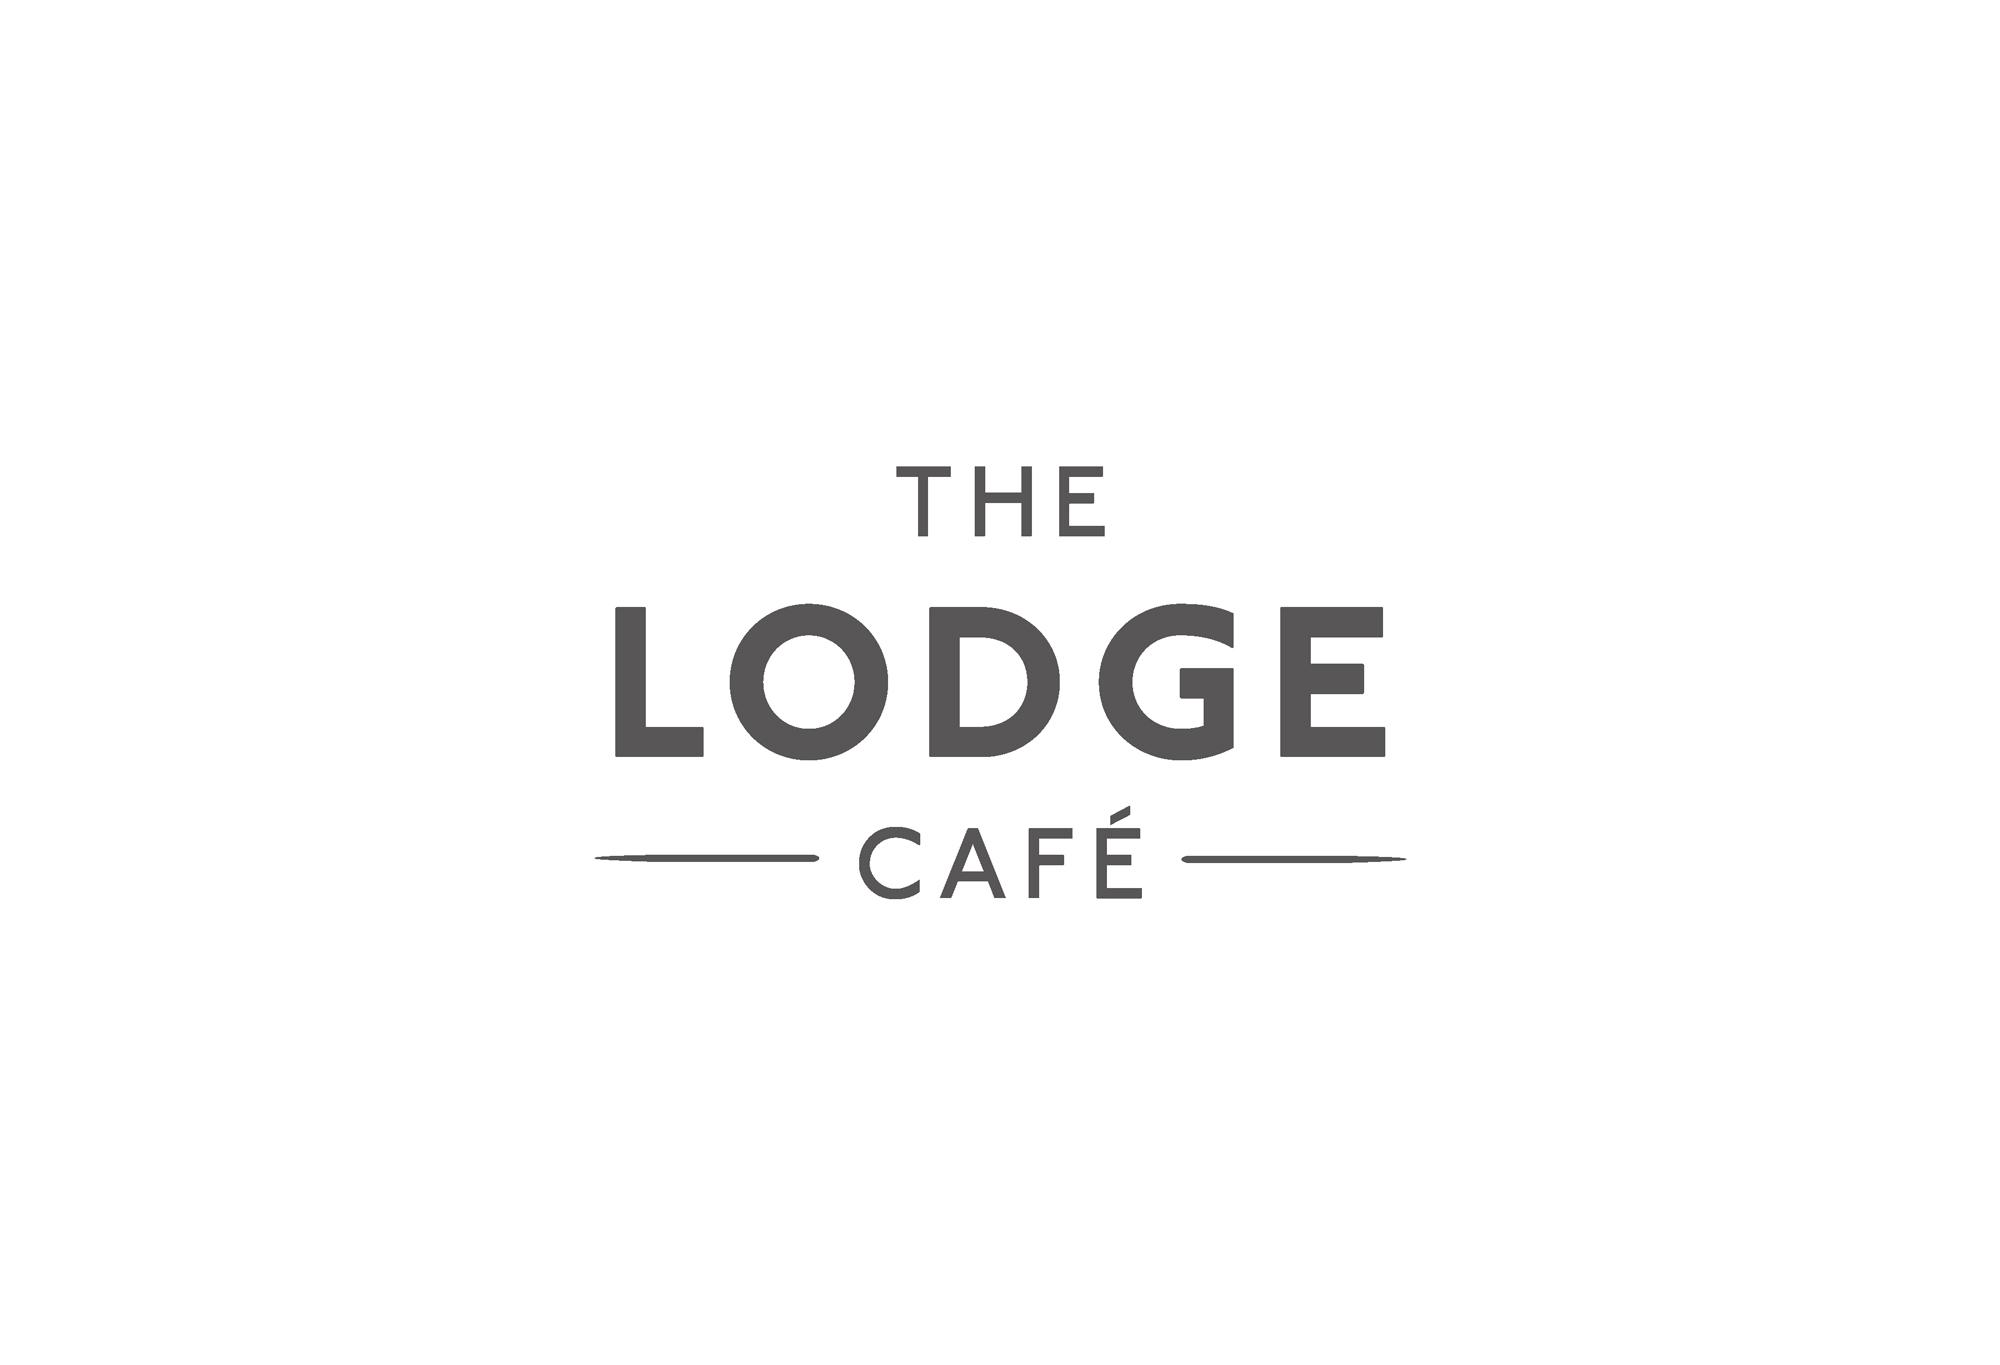 Lodge_logo.jpg